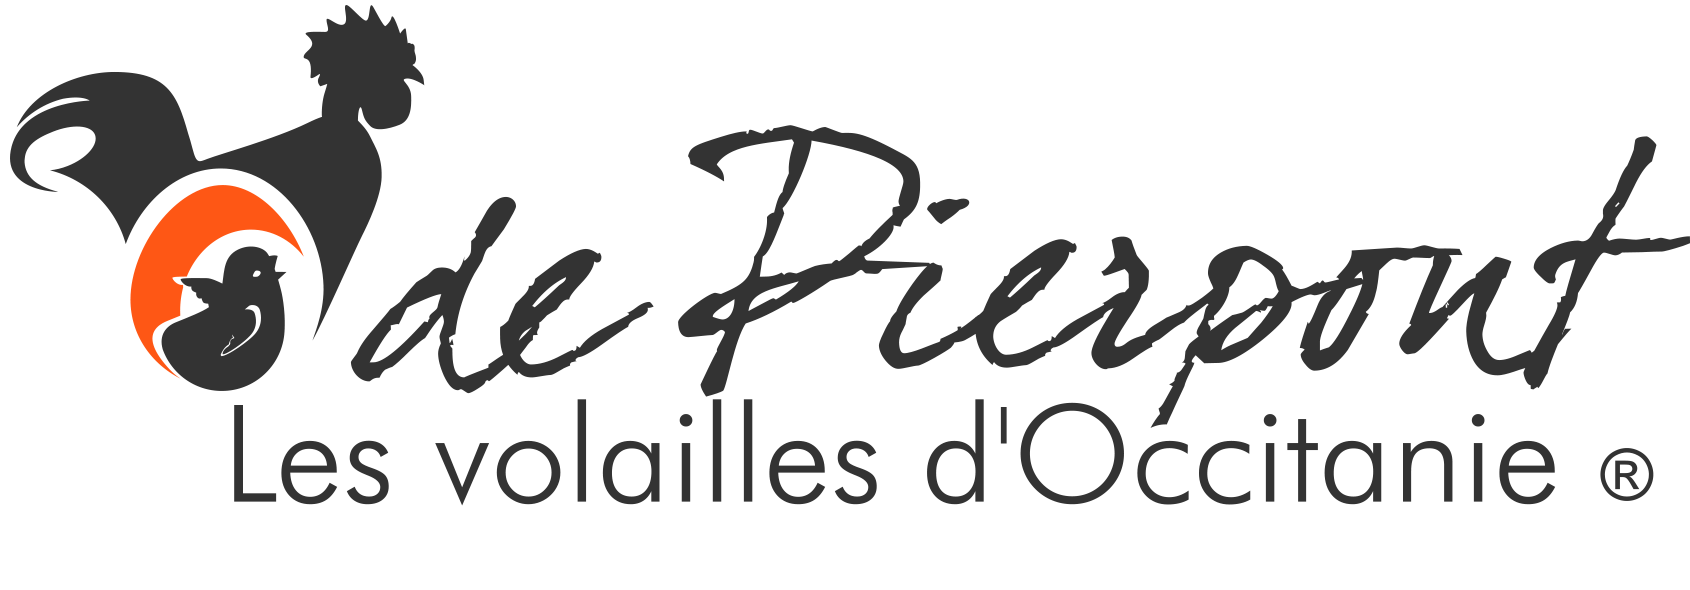 logo-depierpont-volailles-d'oc-(HD)